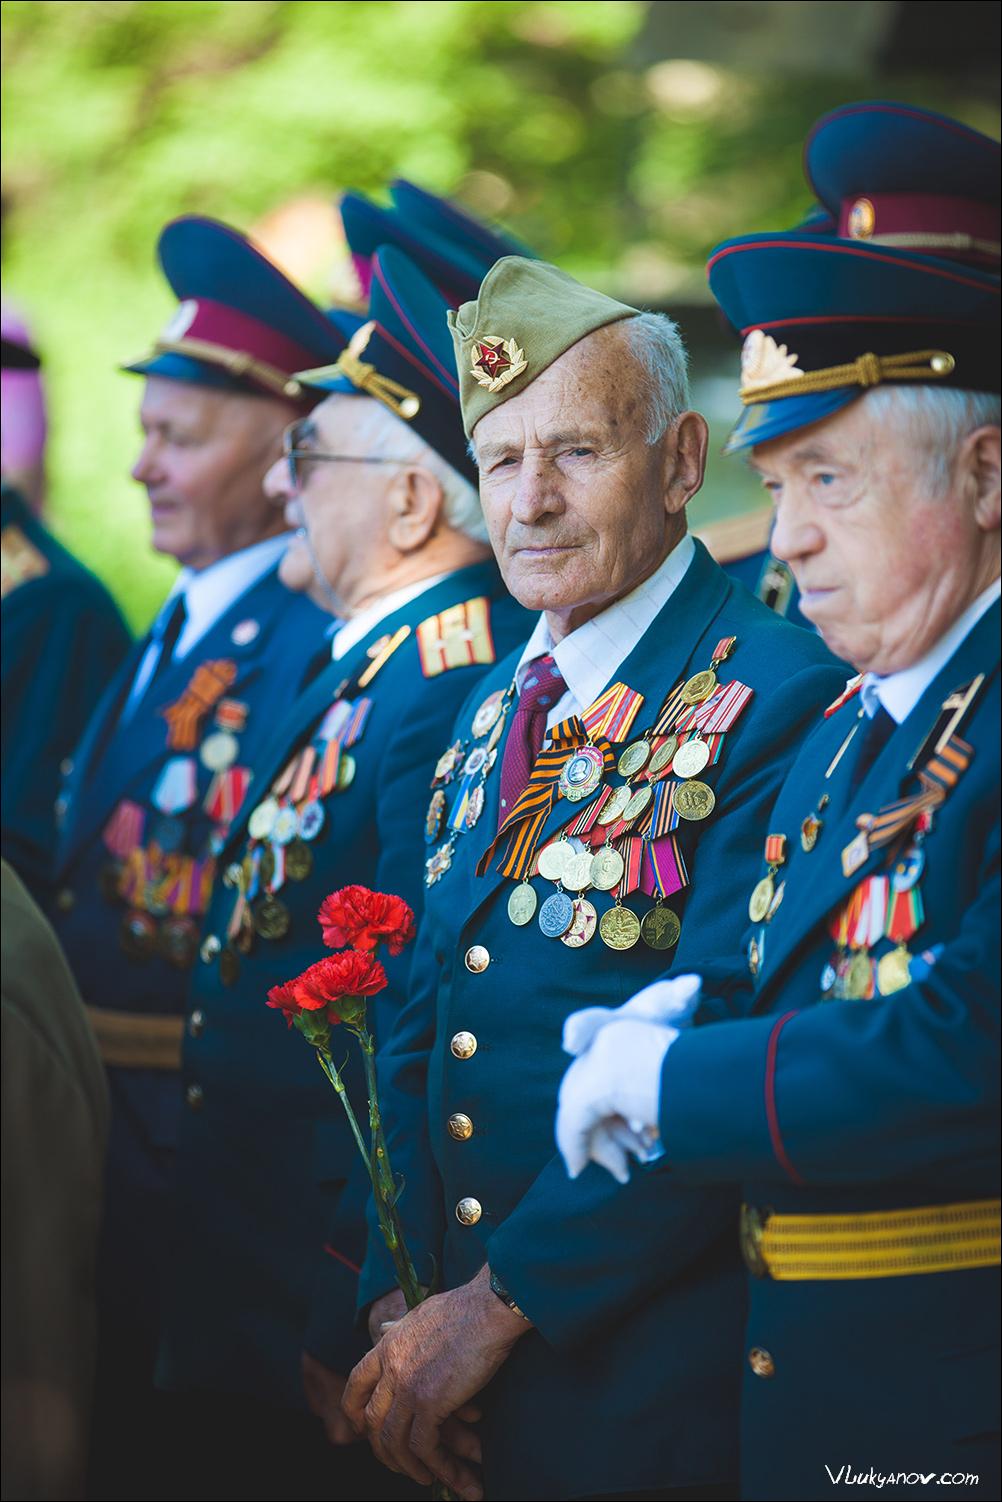 Фотограф, Владимир Лукьянов, Одесса, Украина